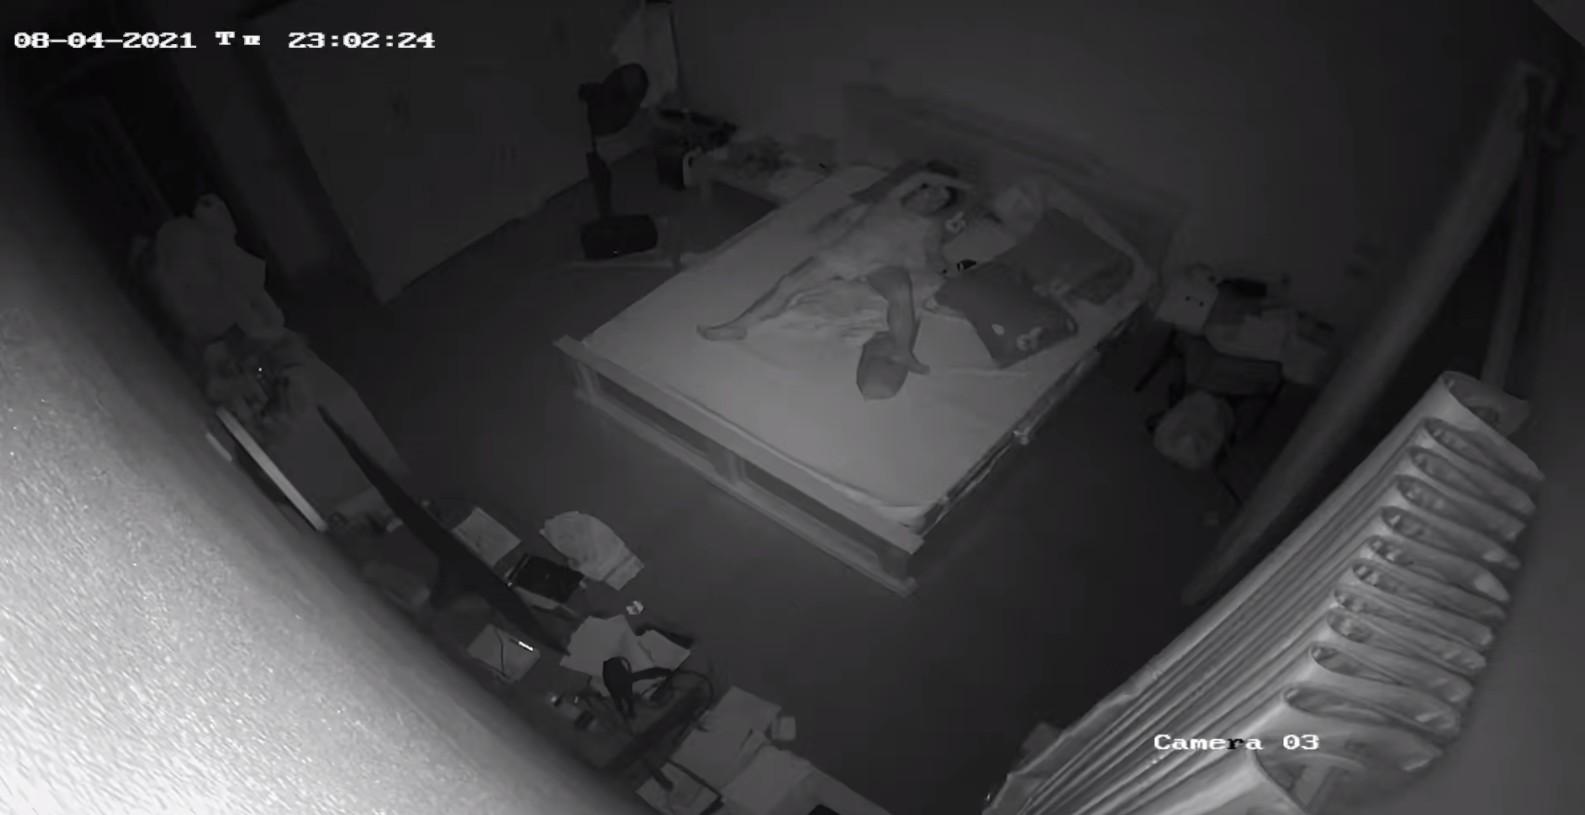 Скрытое наблюдение за мастурбацией, Подглядывание за маструбацией - видео 13 фотография